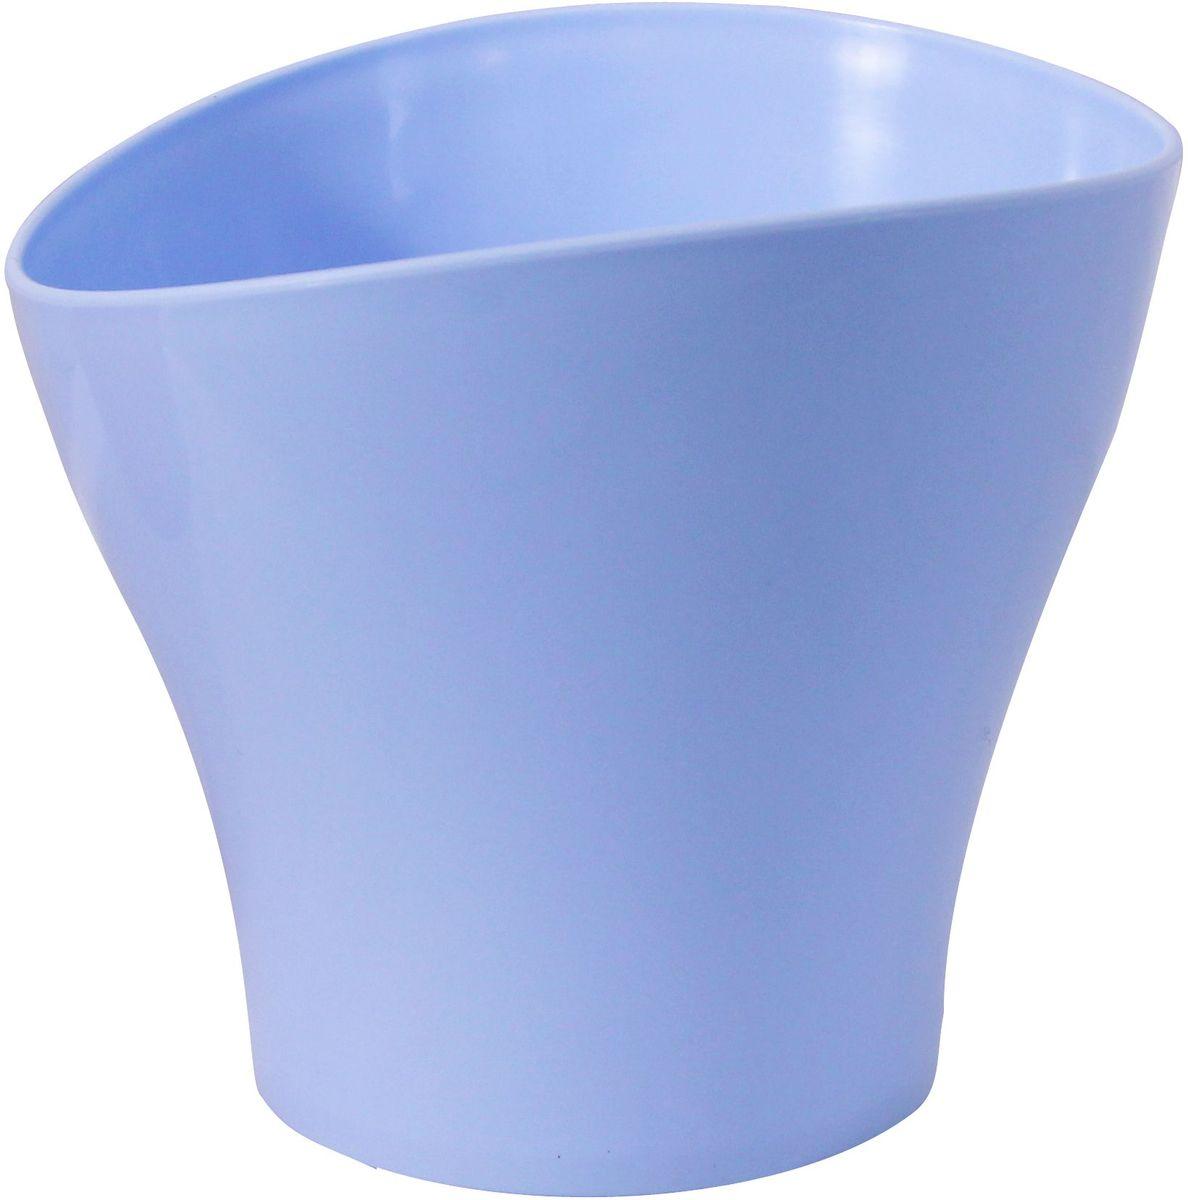 Кашпо Idea Волна, цвет: голубой, 800 мл531-322Кашпо Idea Волна изготовлено из прочного полипропилена (пластика) и предназначено для выращивания растений, цветов и трав в домашних условиях. Такое кашпо порадует вас функциональностью, а благодаря лаконичному дизайну впишется в любой интерьер помещения. Объем кашпо: 0,8 л.